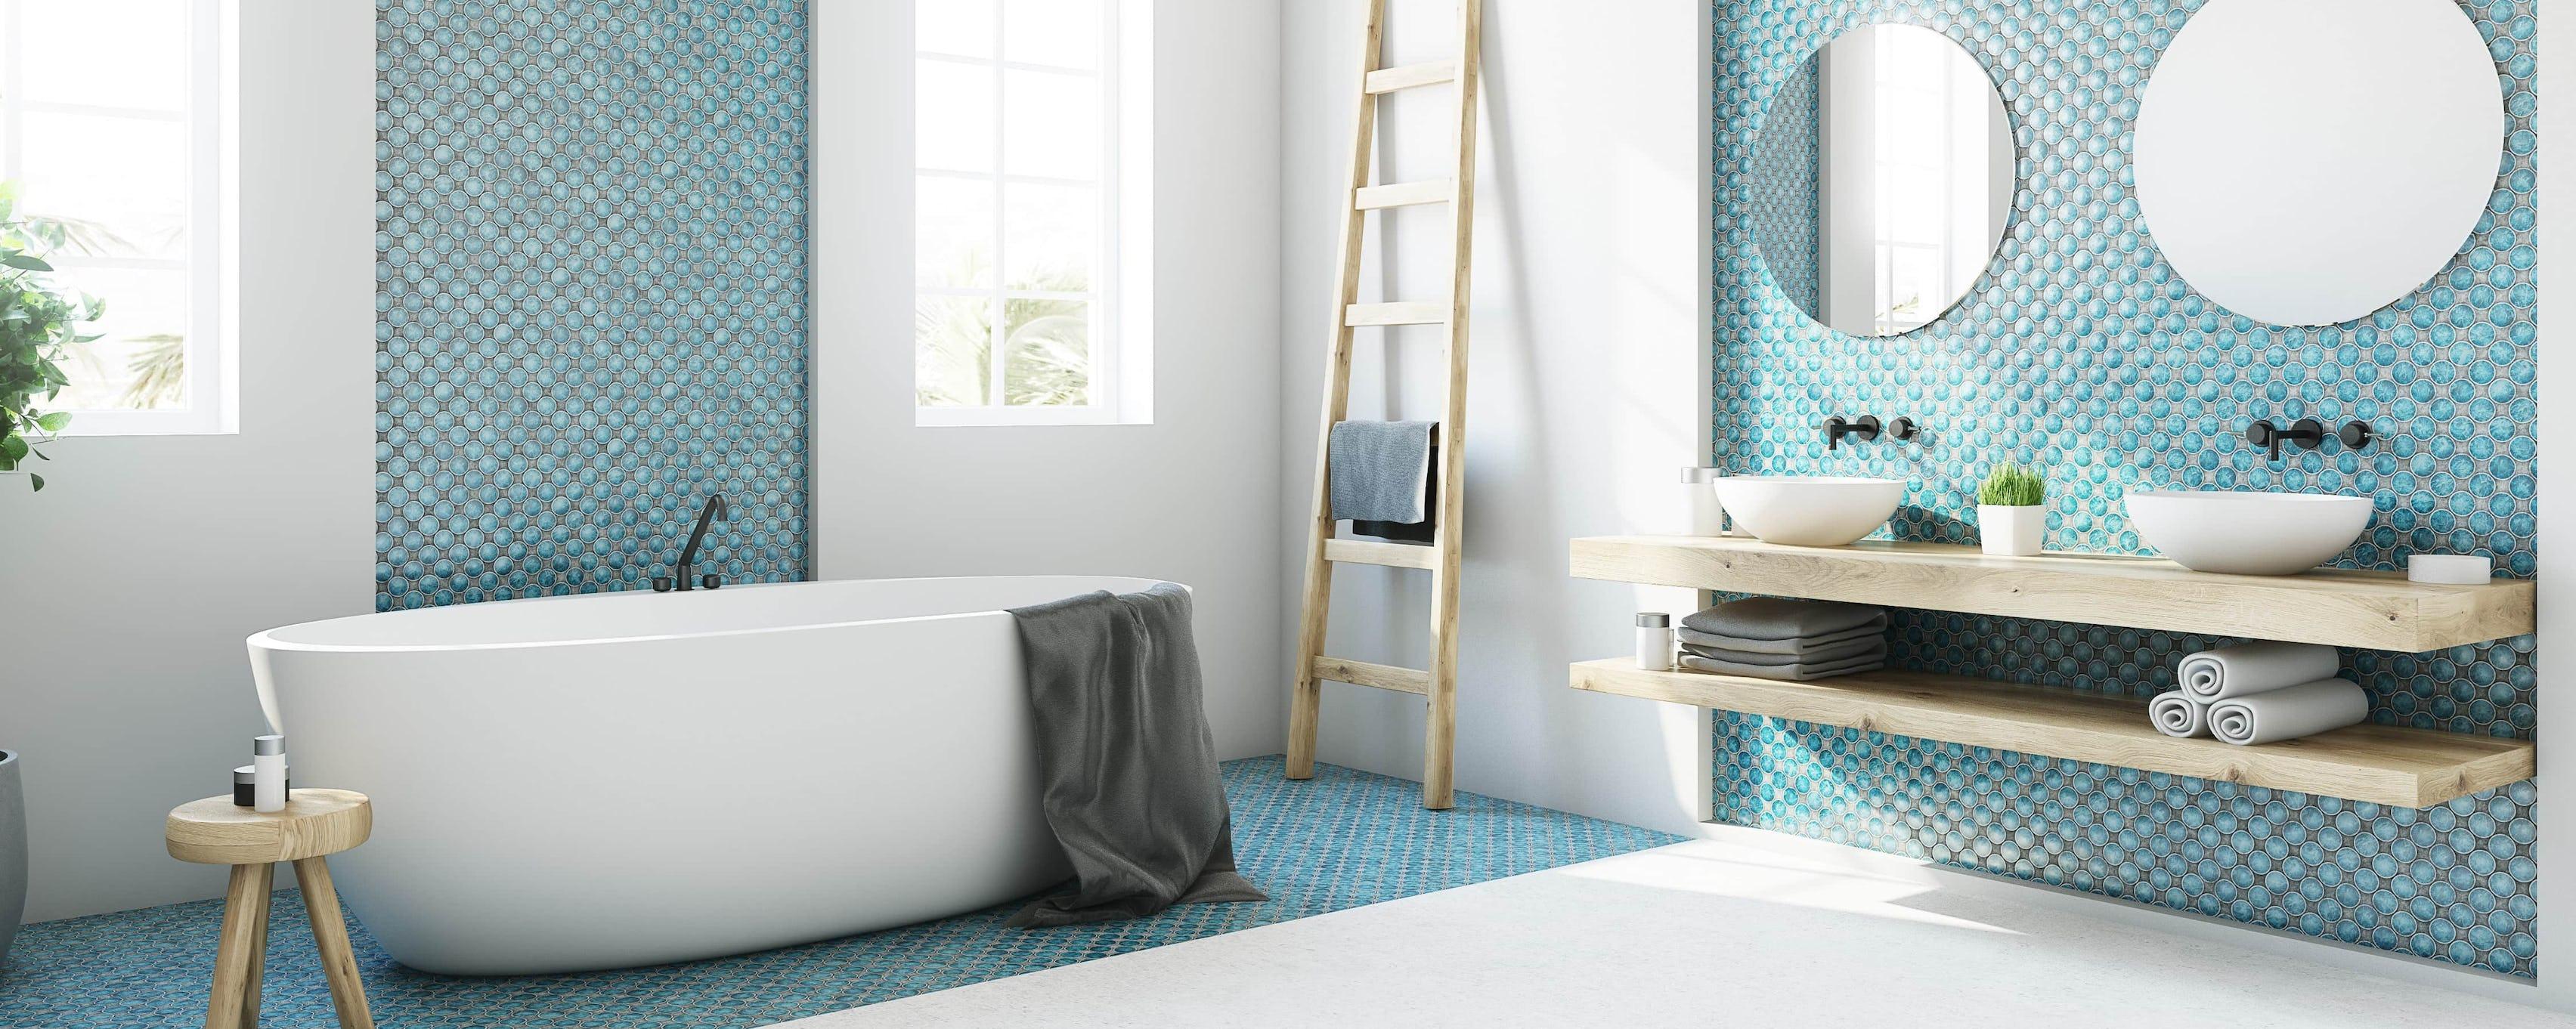 Salle De Bain Image refaire sa salle de bain : équipements, prix et travaux.